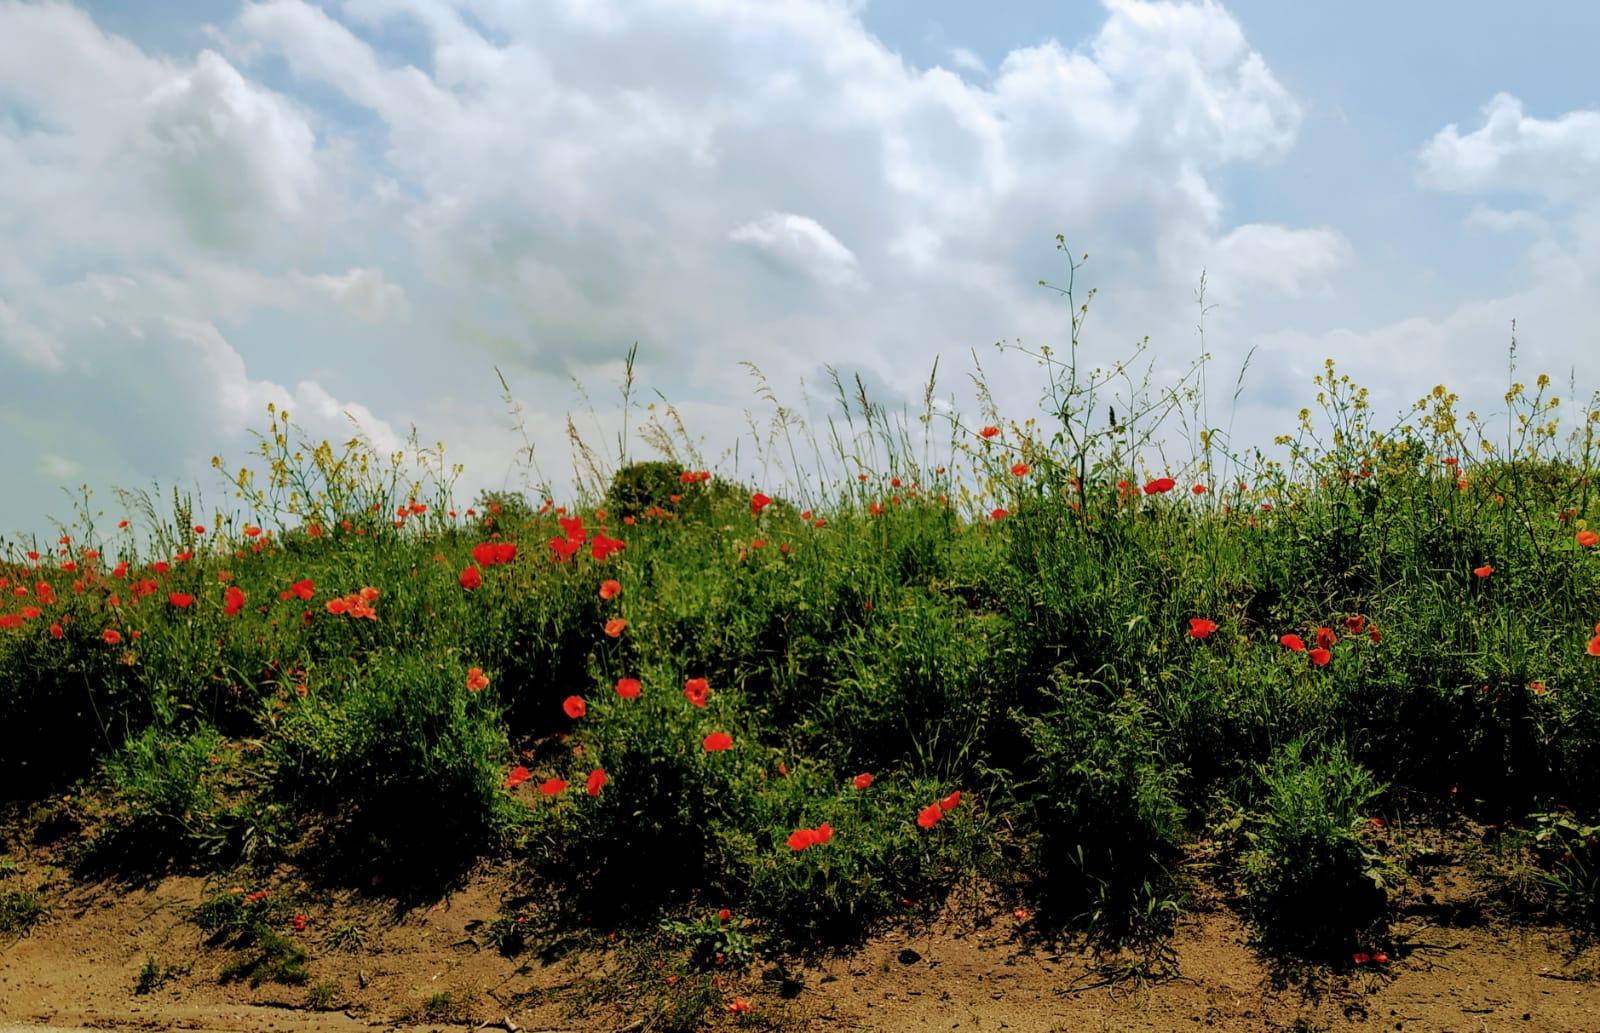 Bloeiende klaprozen in de duinen, met donkere wolken. Ze bloeien, zonder angst, precies zoals ze gemaakt zijn!